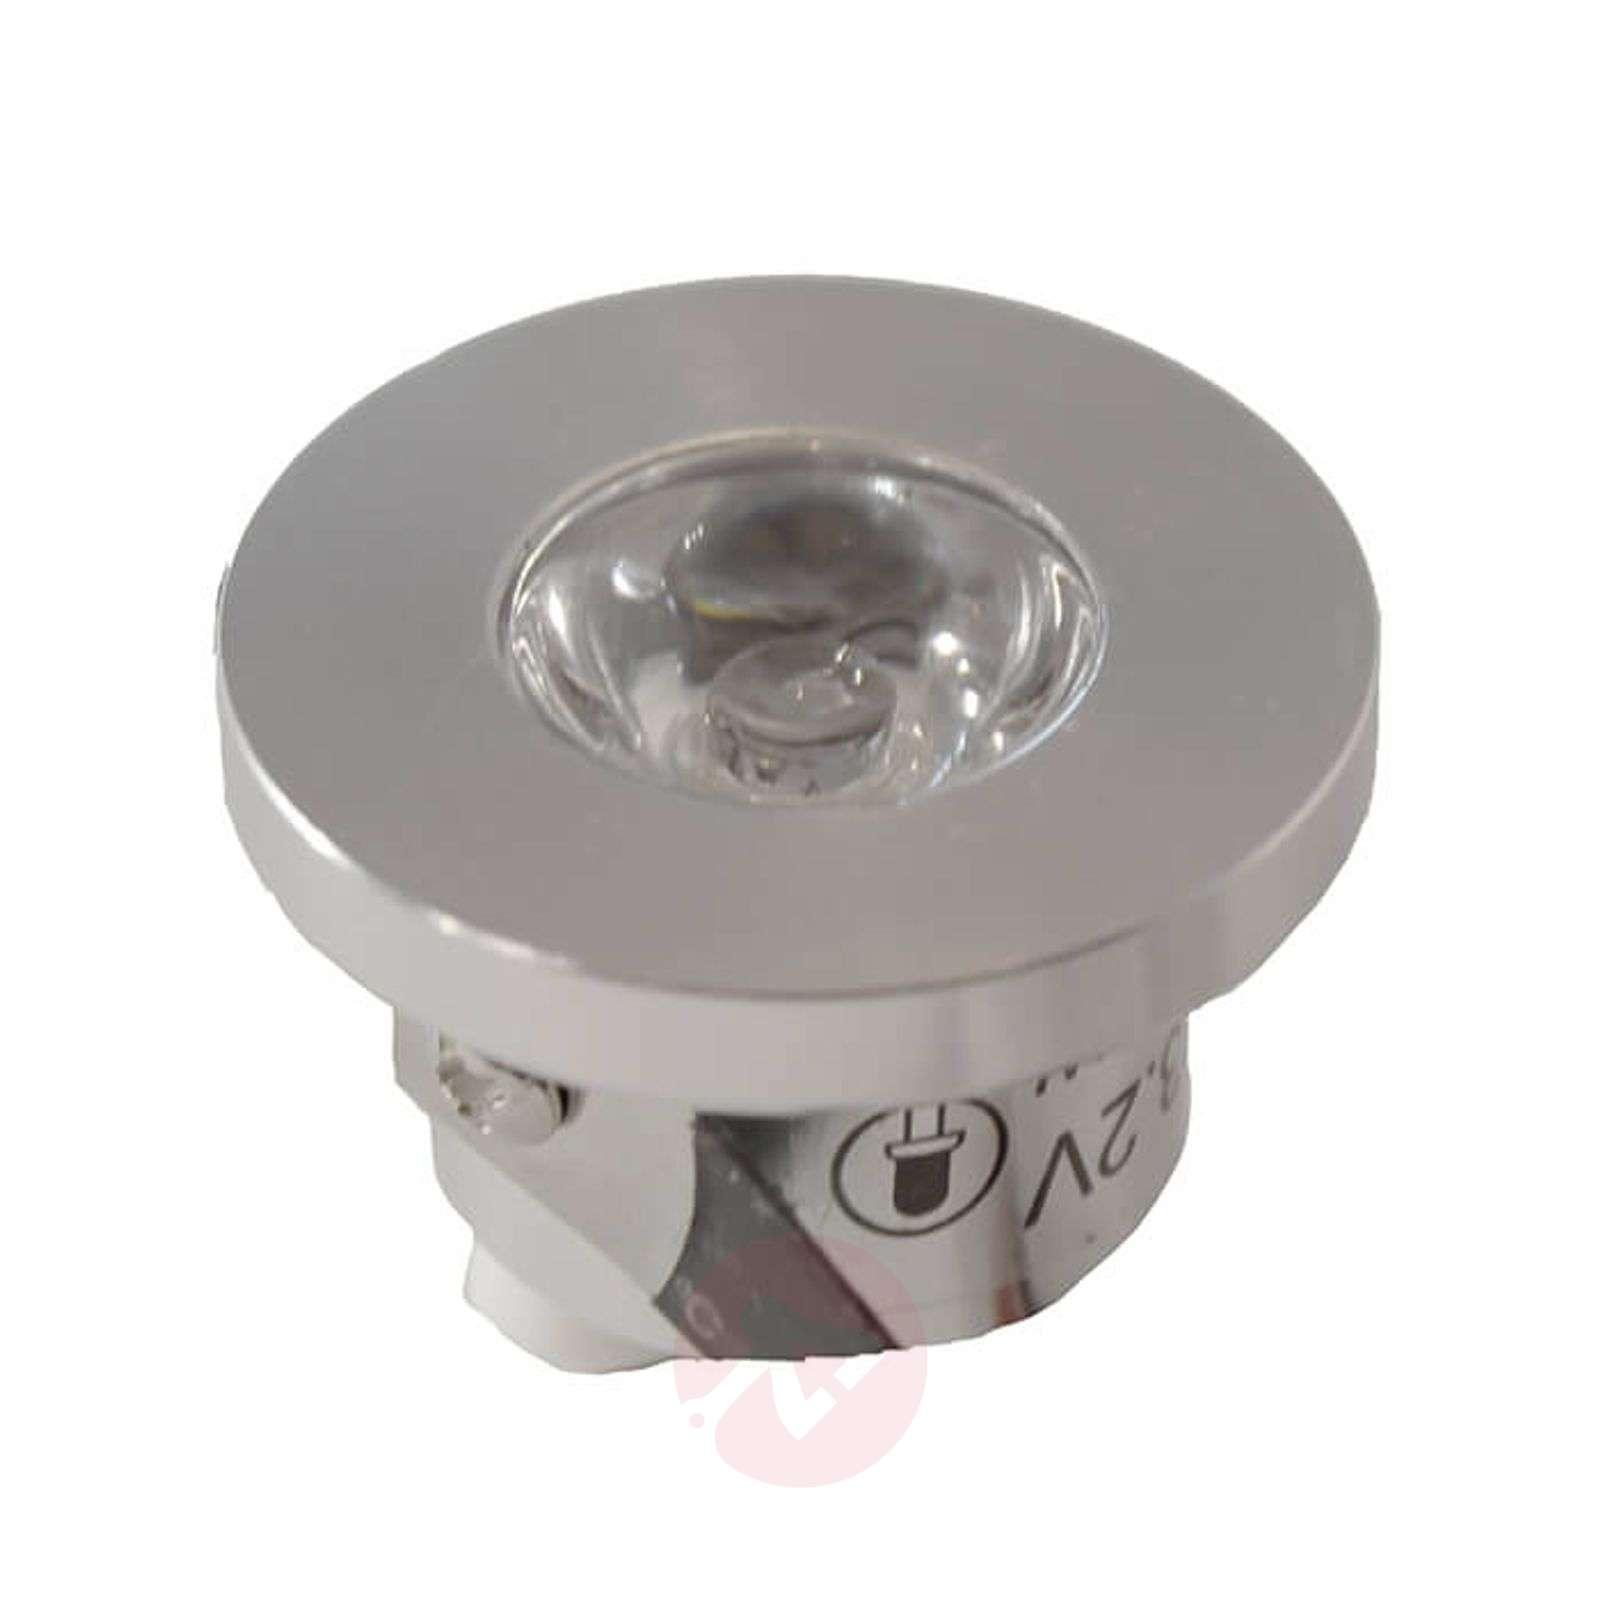 Rouen-LED-uppovalaisin muuntajalla, 3 valaisinta-3006533-01